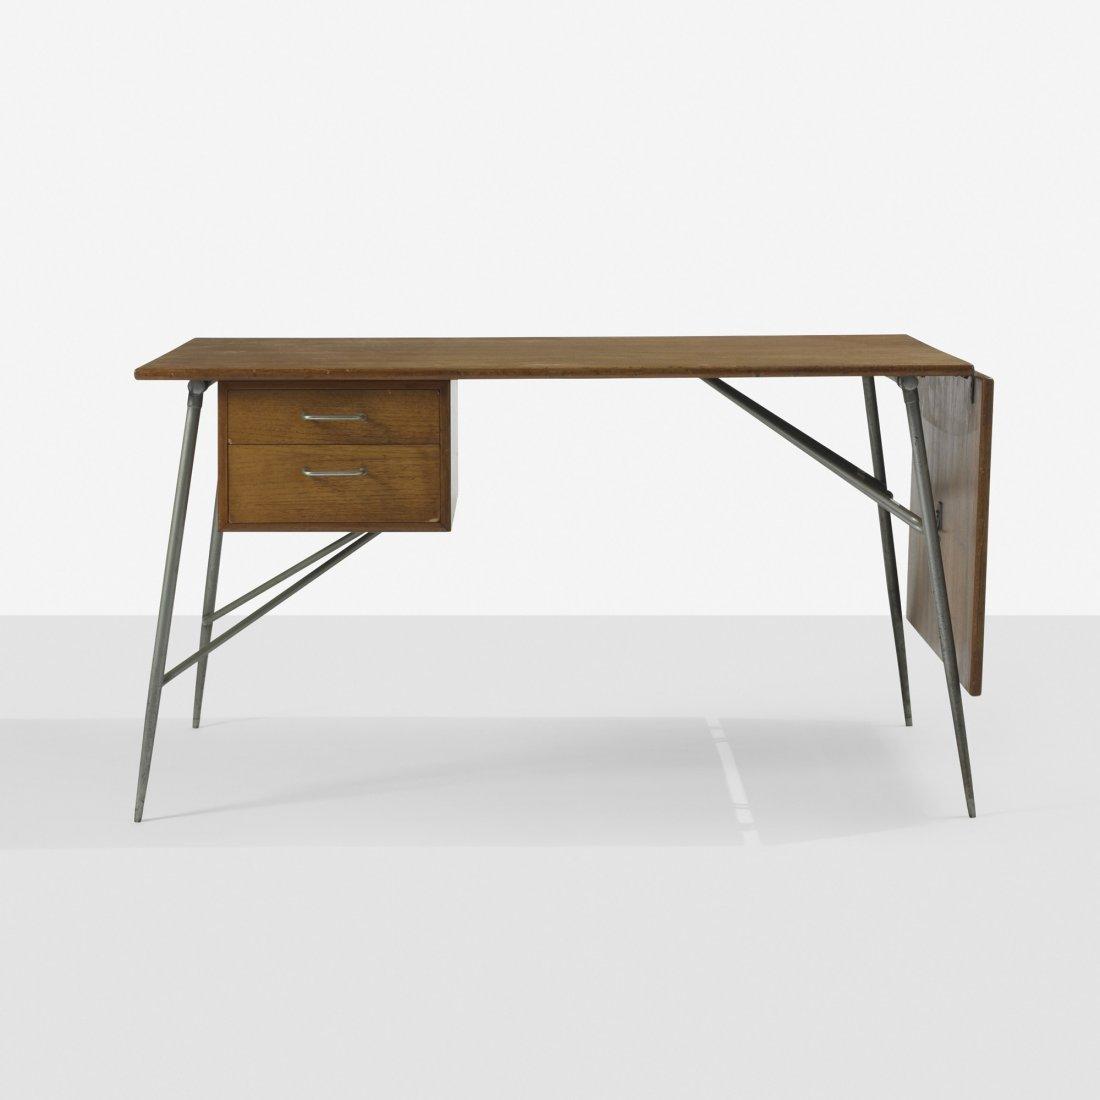 107: Børge Mogensen drop-leaf desk